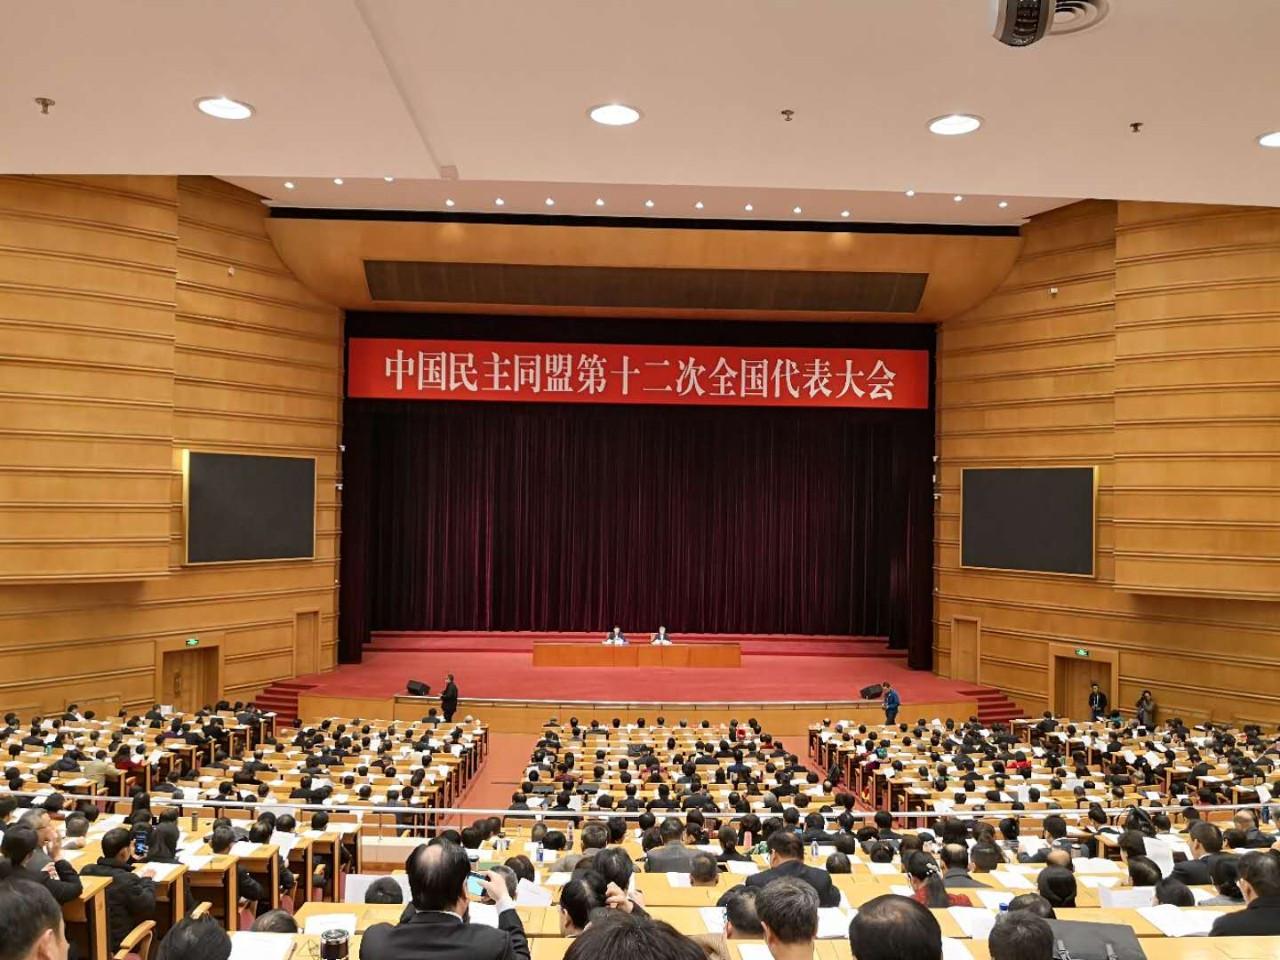 俞敏洪:教育资源应惠及每一个拥有教育权利的人